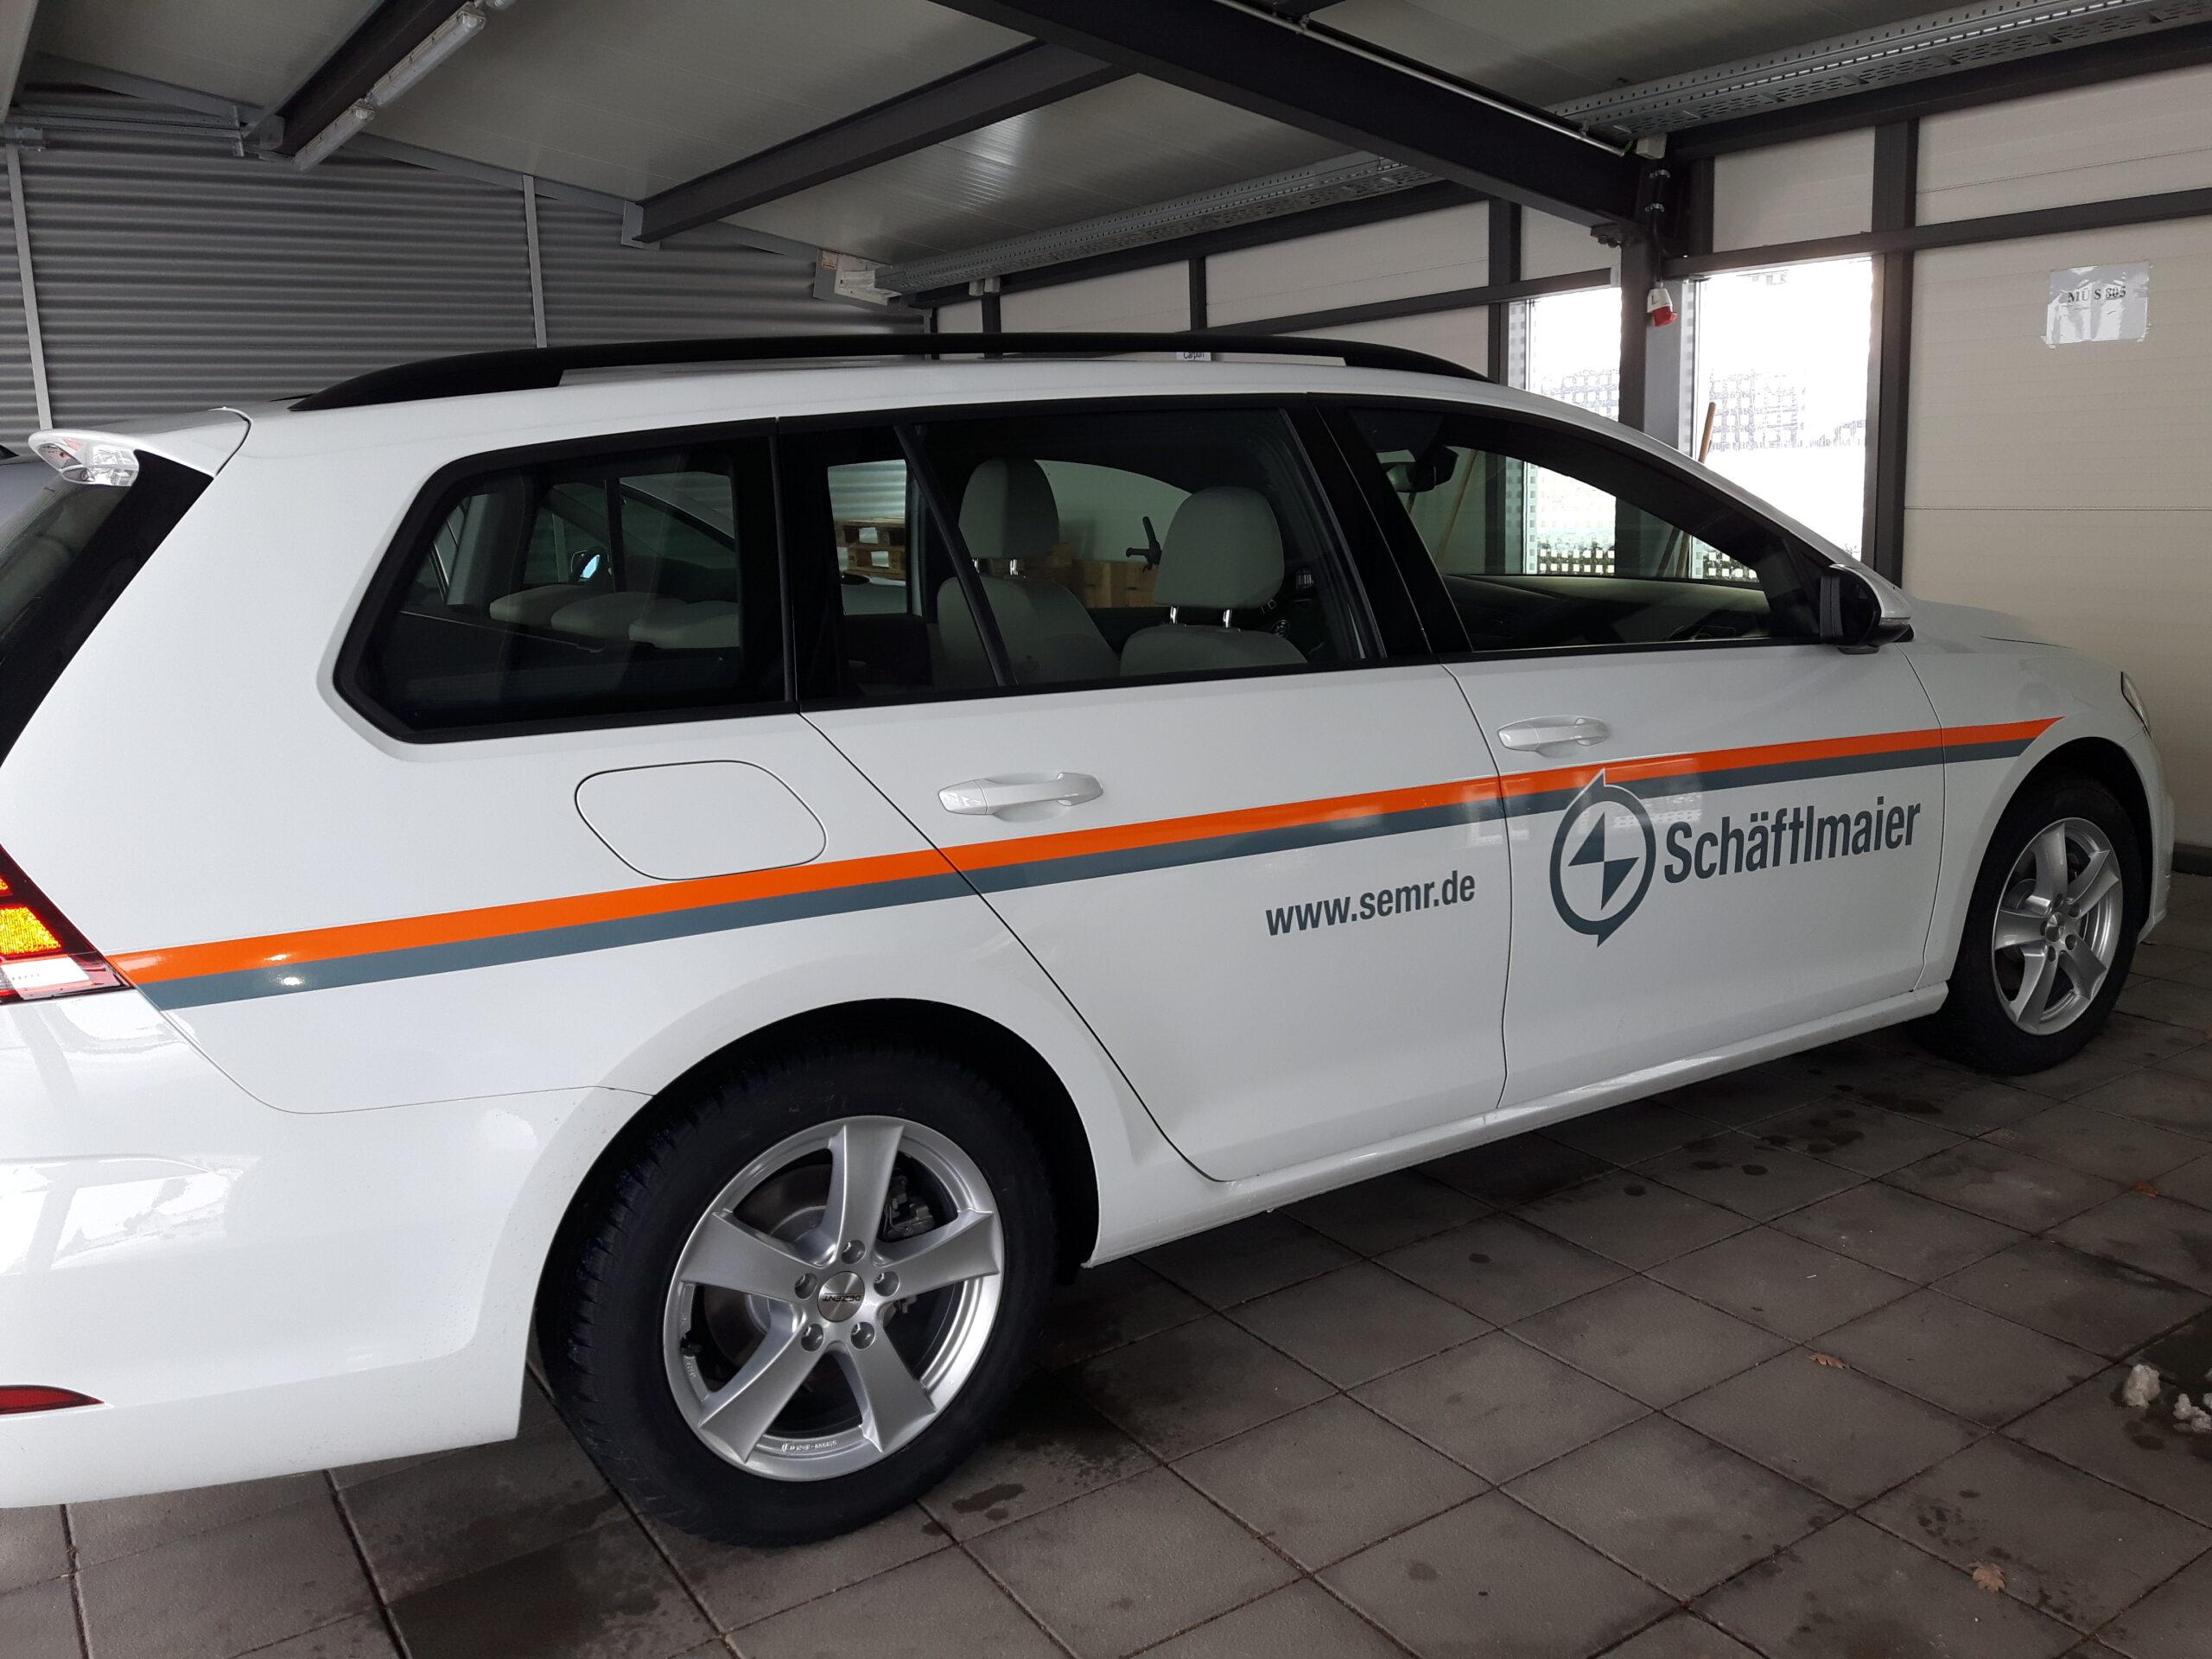 Fahrzeugwerbung für Schäftmaier